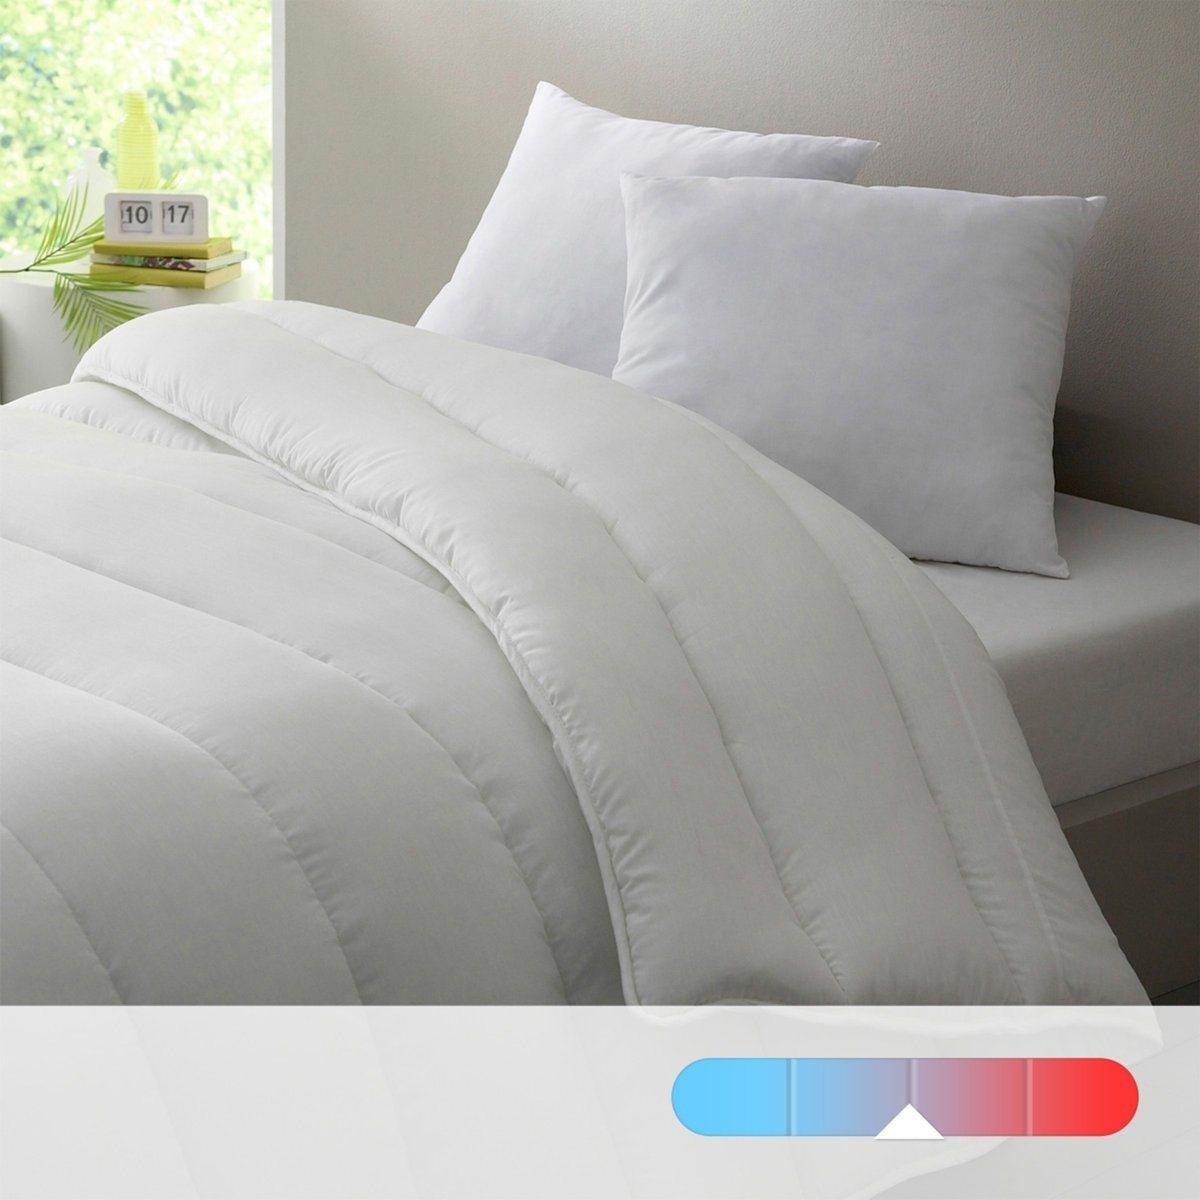 Одеяло 300 г/м², 100% полиэстер, подвергнутый САНИТАРНОЙ ОБРАБОТКЕ